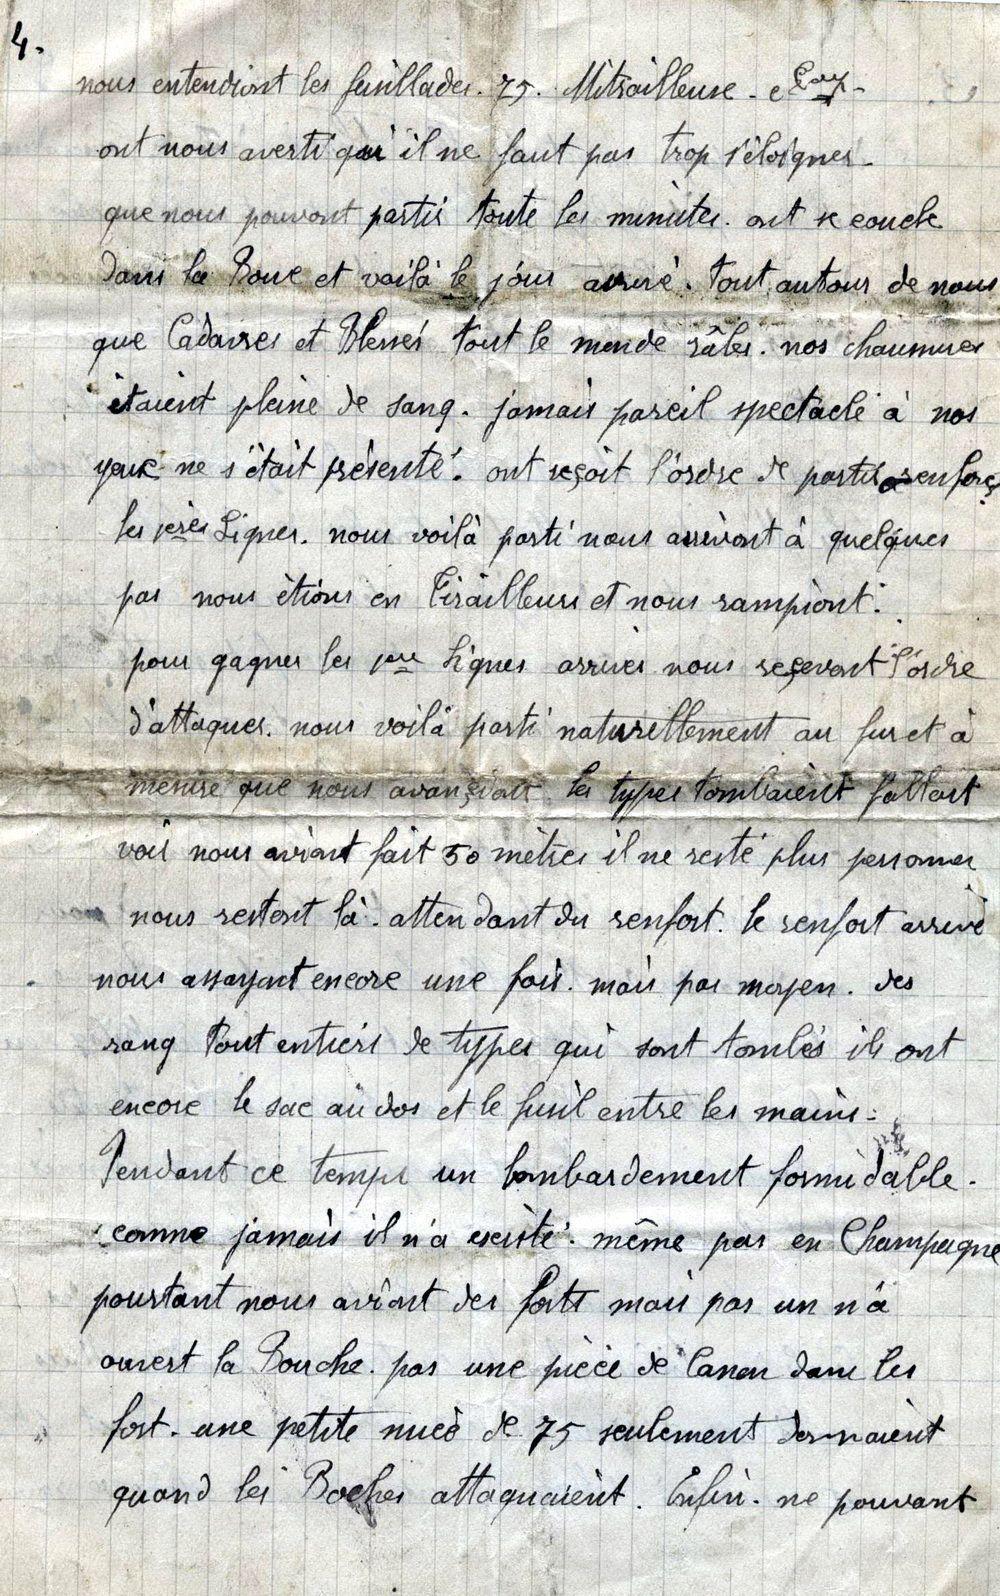 voici la lettre d'un poilu racontant la bataille de Verdun datée du 2 mars 1916